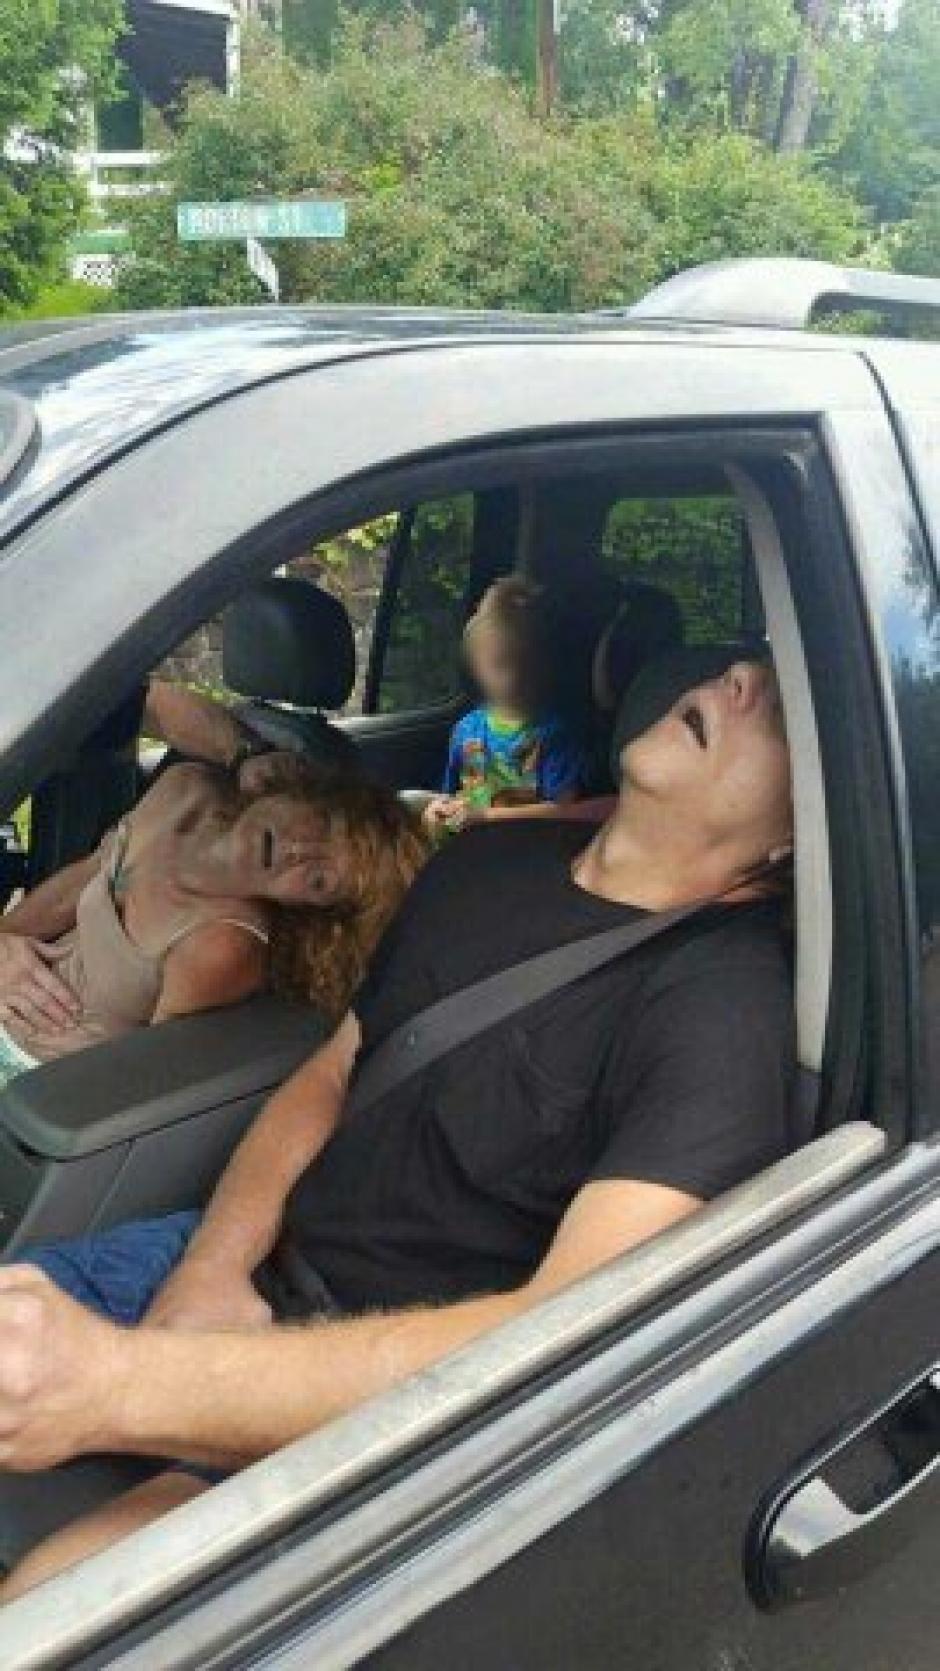 Una pareja drogada dentro de un carro con un niño a bordo, causa repudio de muchos. (Foto: Twitter)